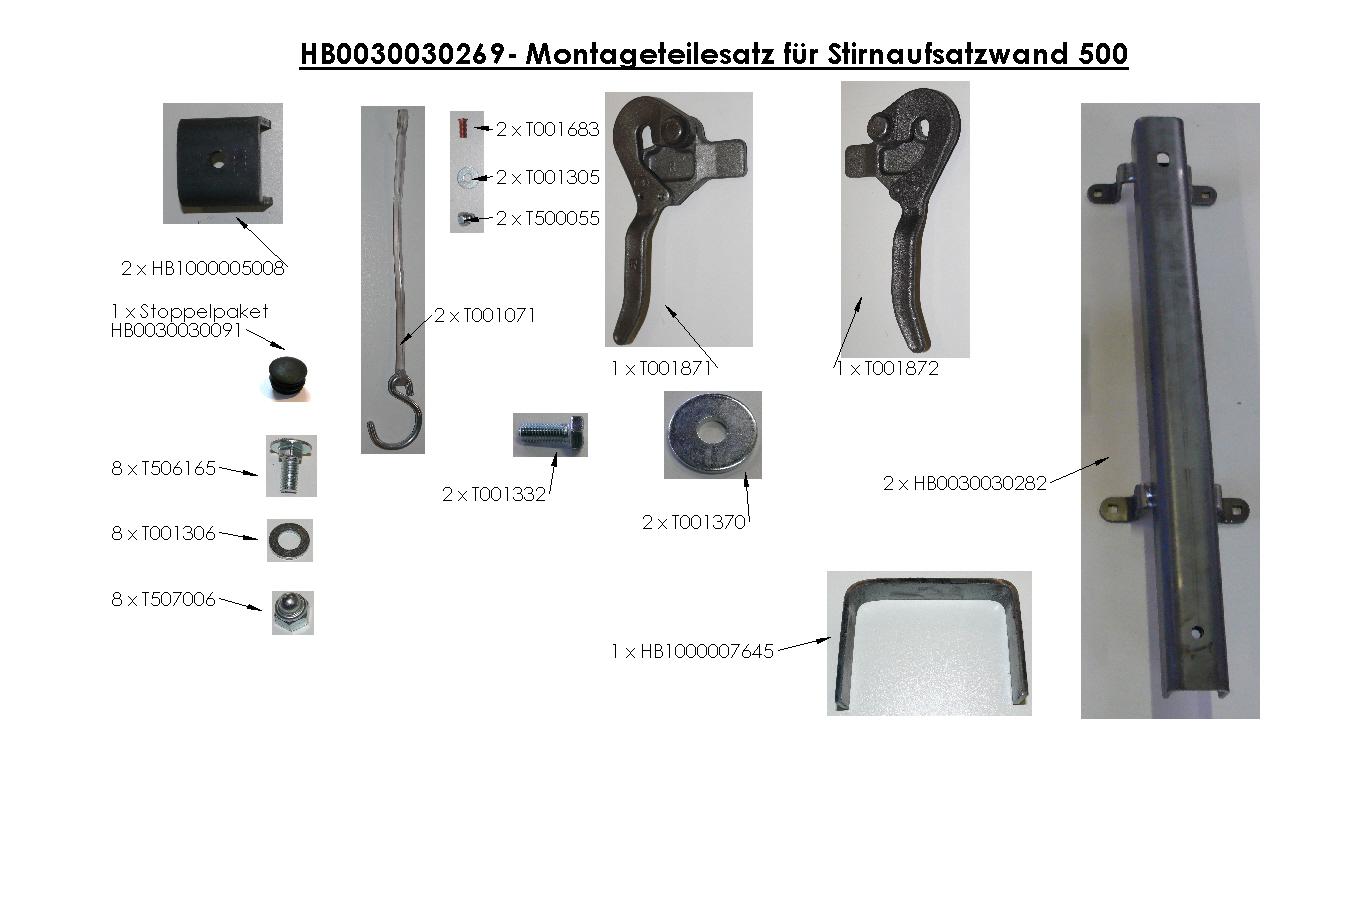 Brantner Kipper und Anhänger - AW-Zubehör für Stabilator mit hydr. RW Höhe 500